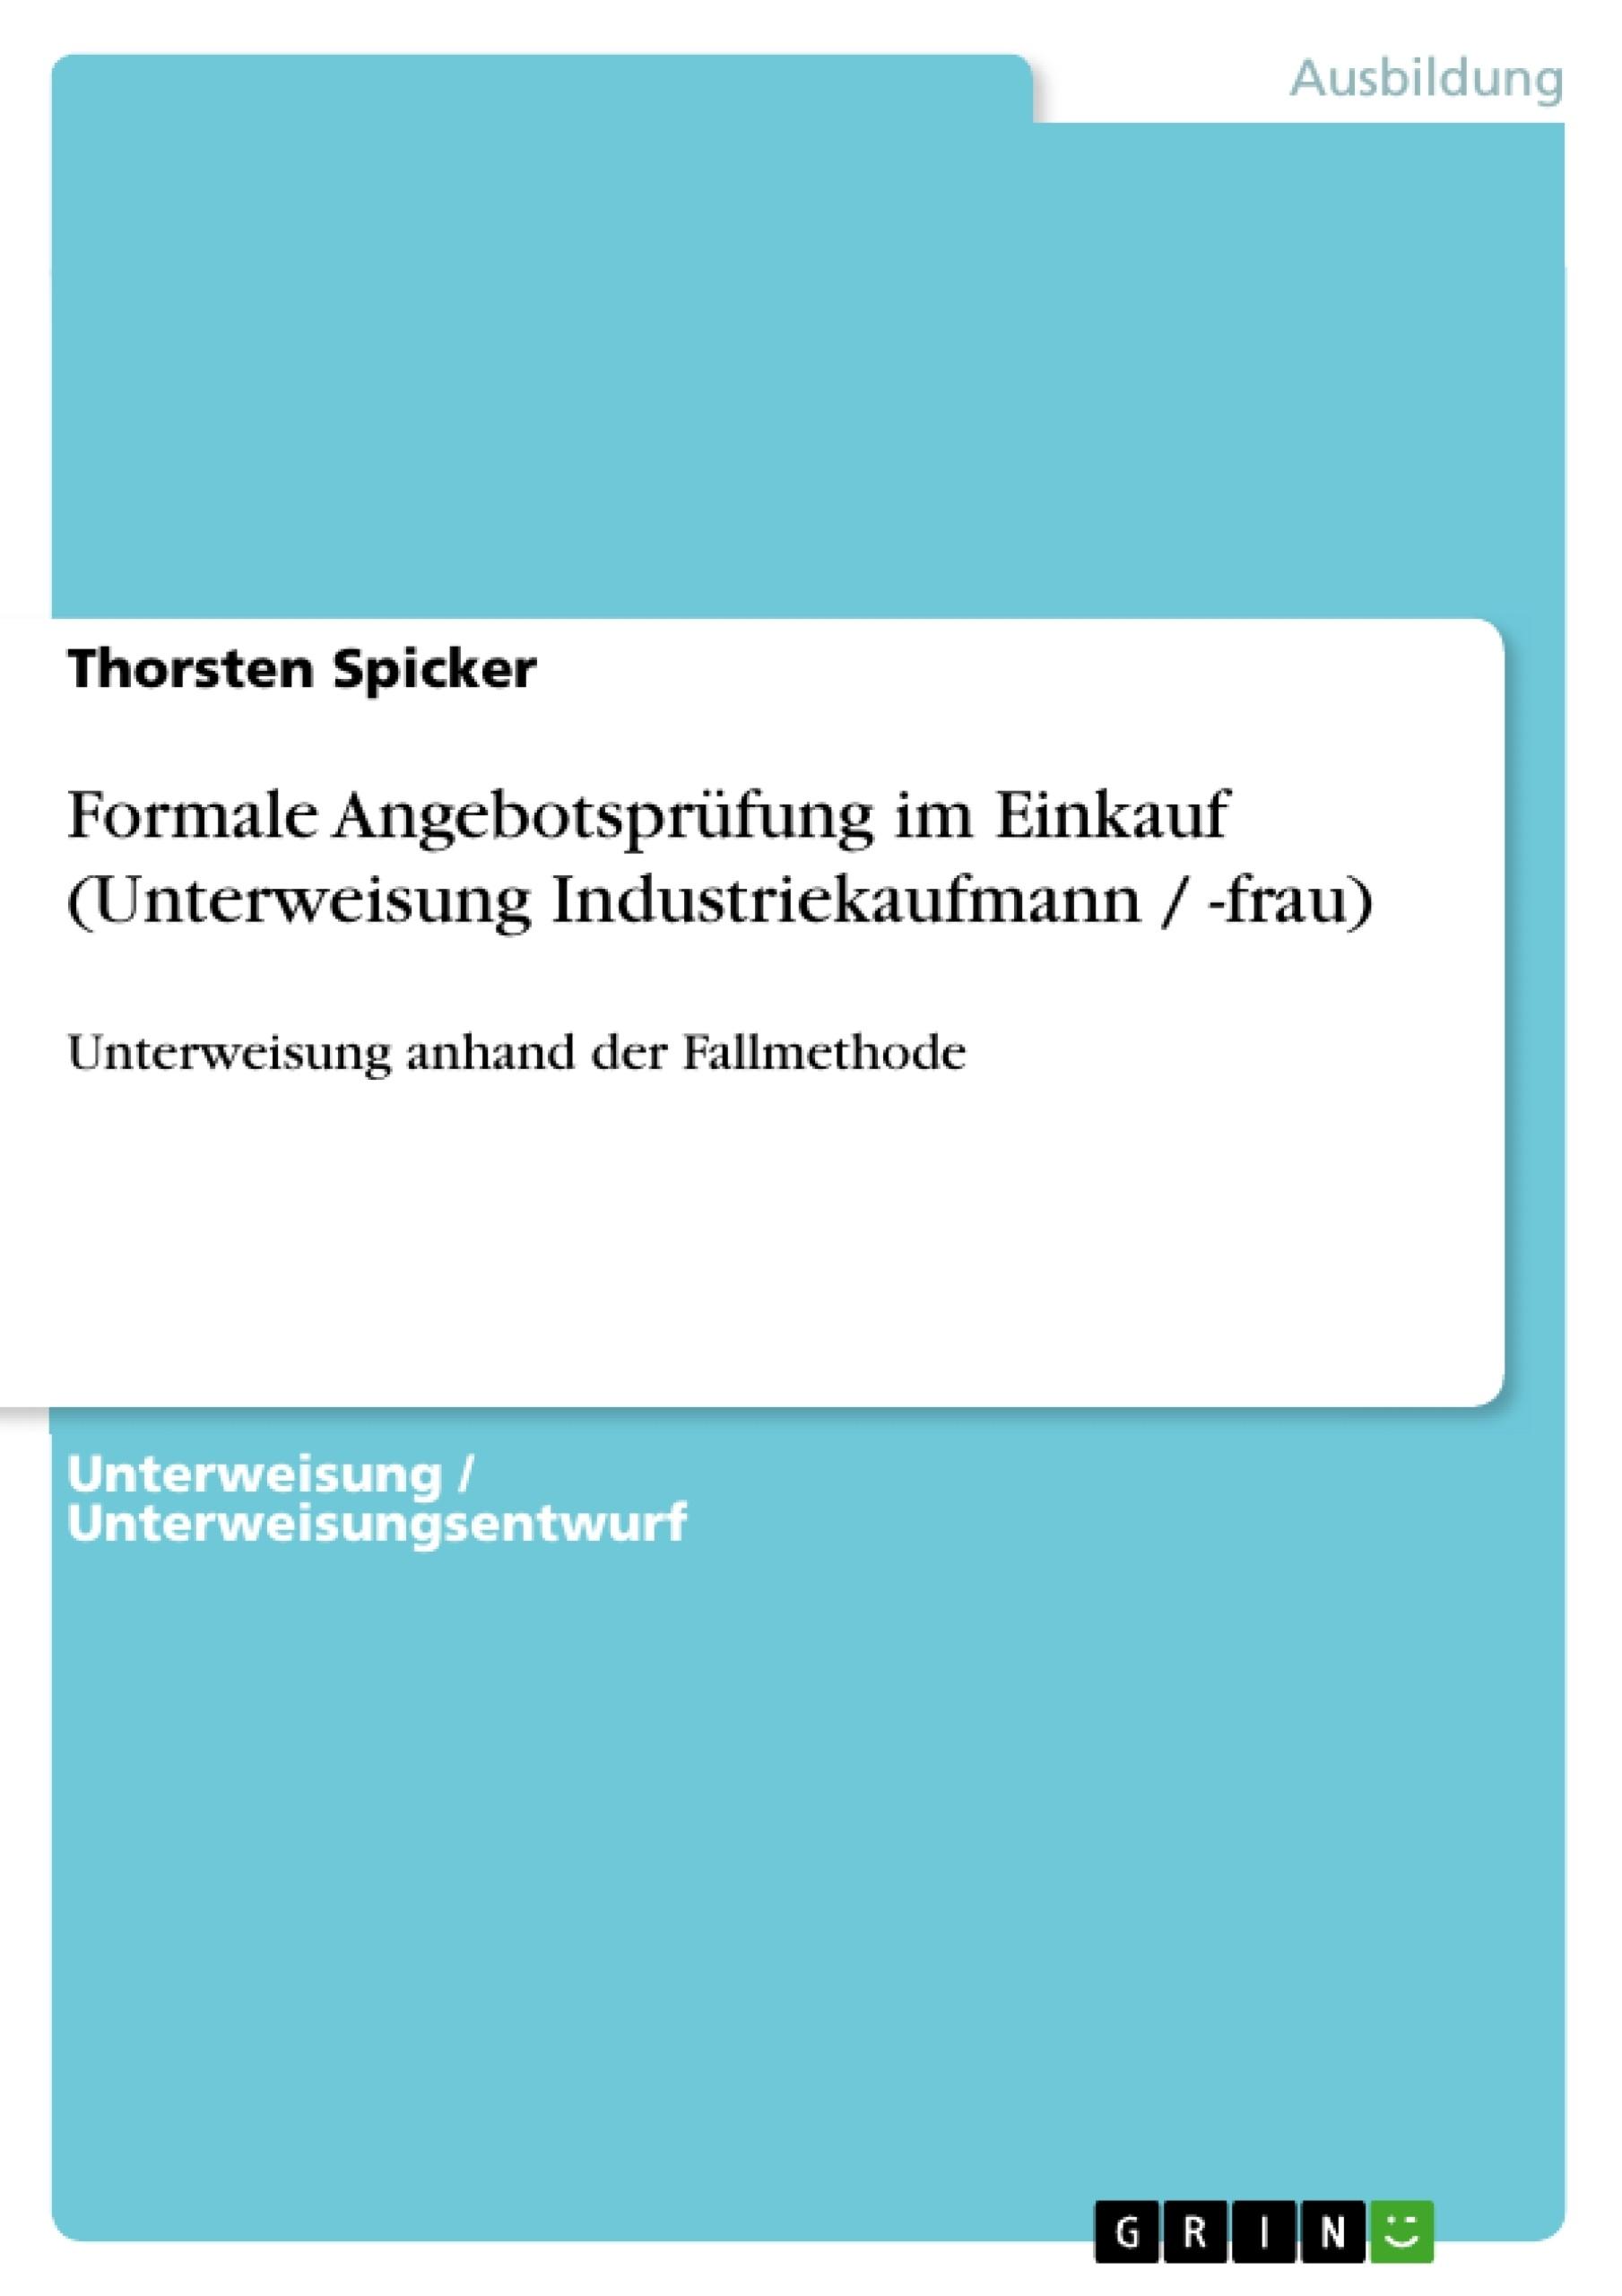 Titel: Formale Angebotsprüfung im Einkauf (Unterweisung Industriekaufmann / -frau)